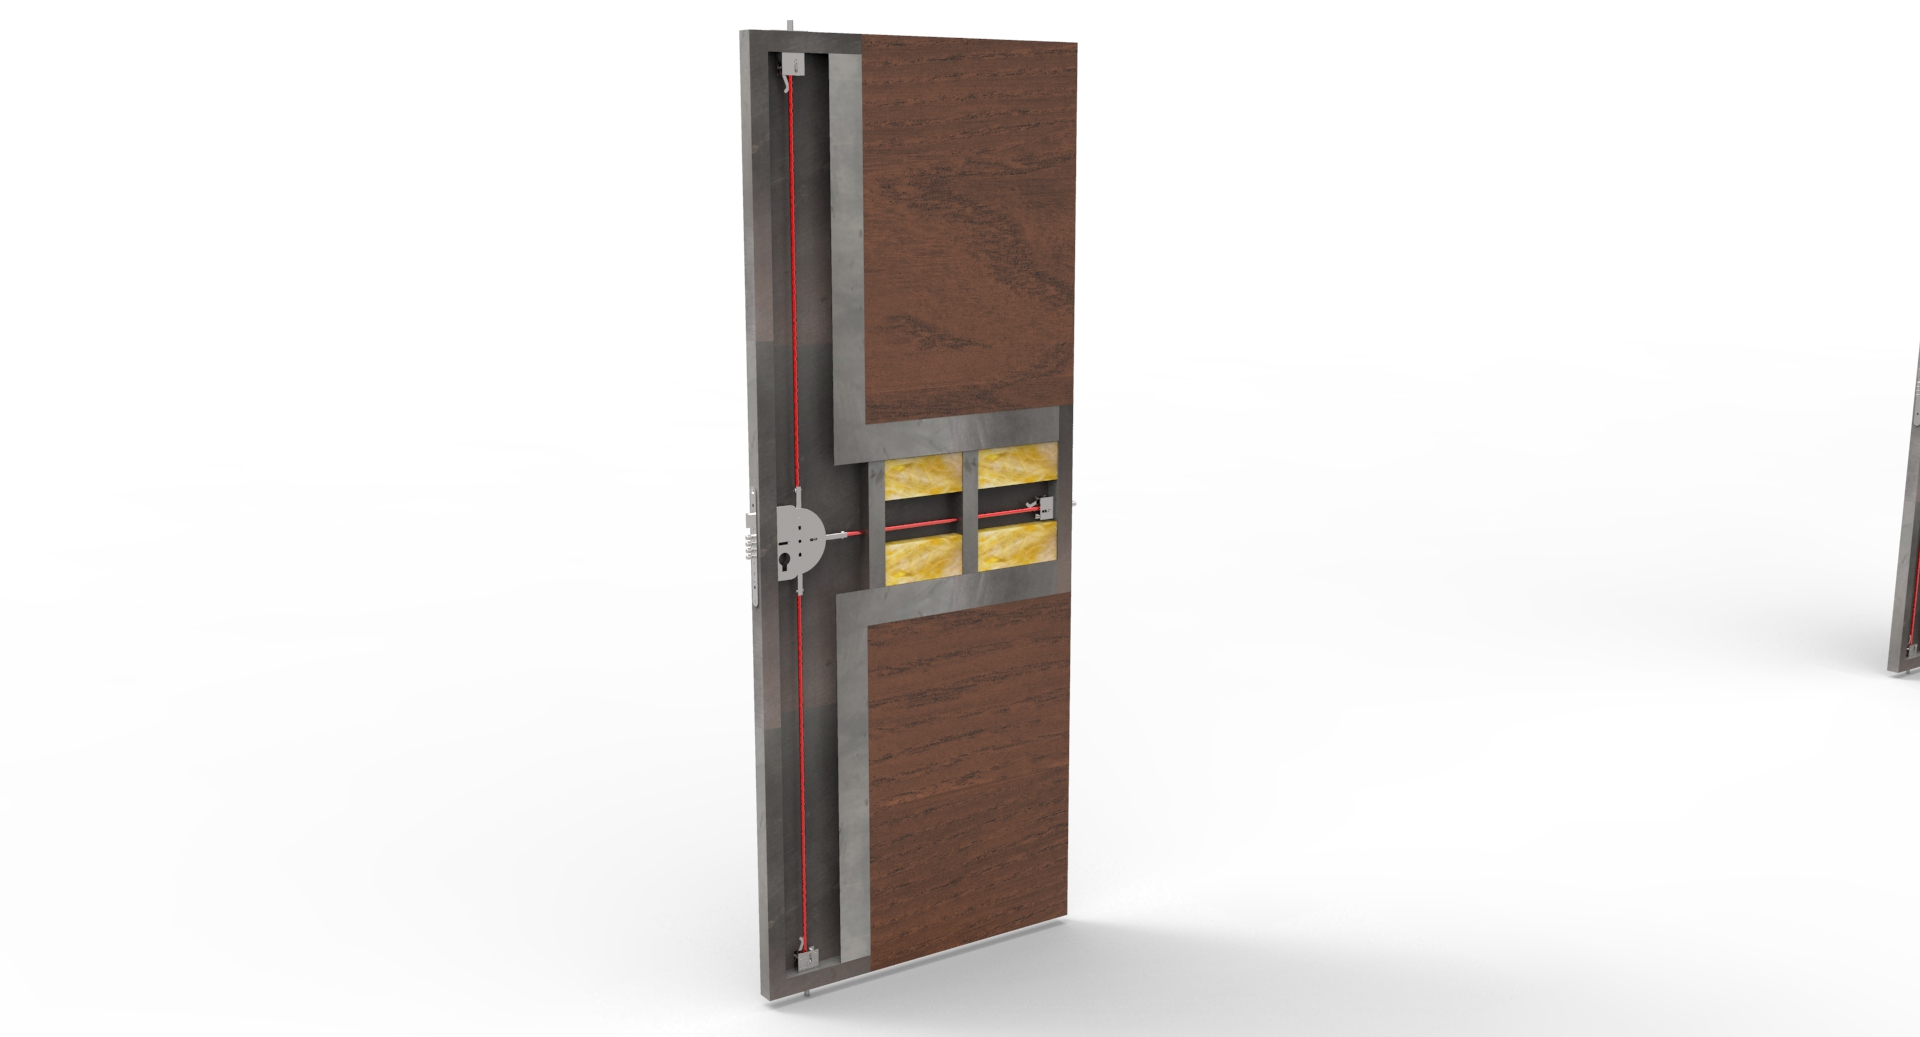 Cuanto cuesta una puerta acorazada trendy spheris puerta - Cuanto vale lacar una puerta ...